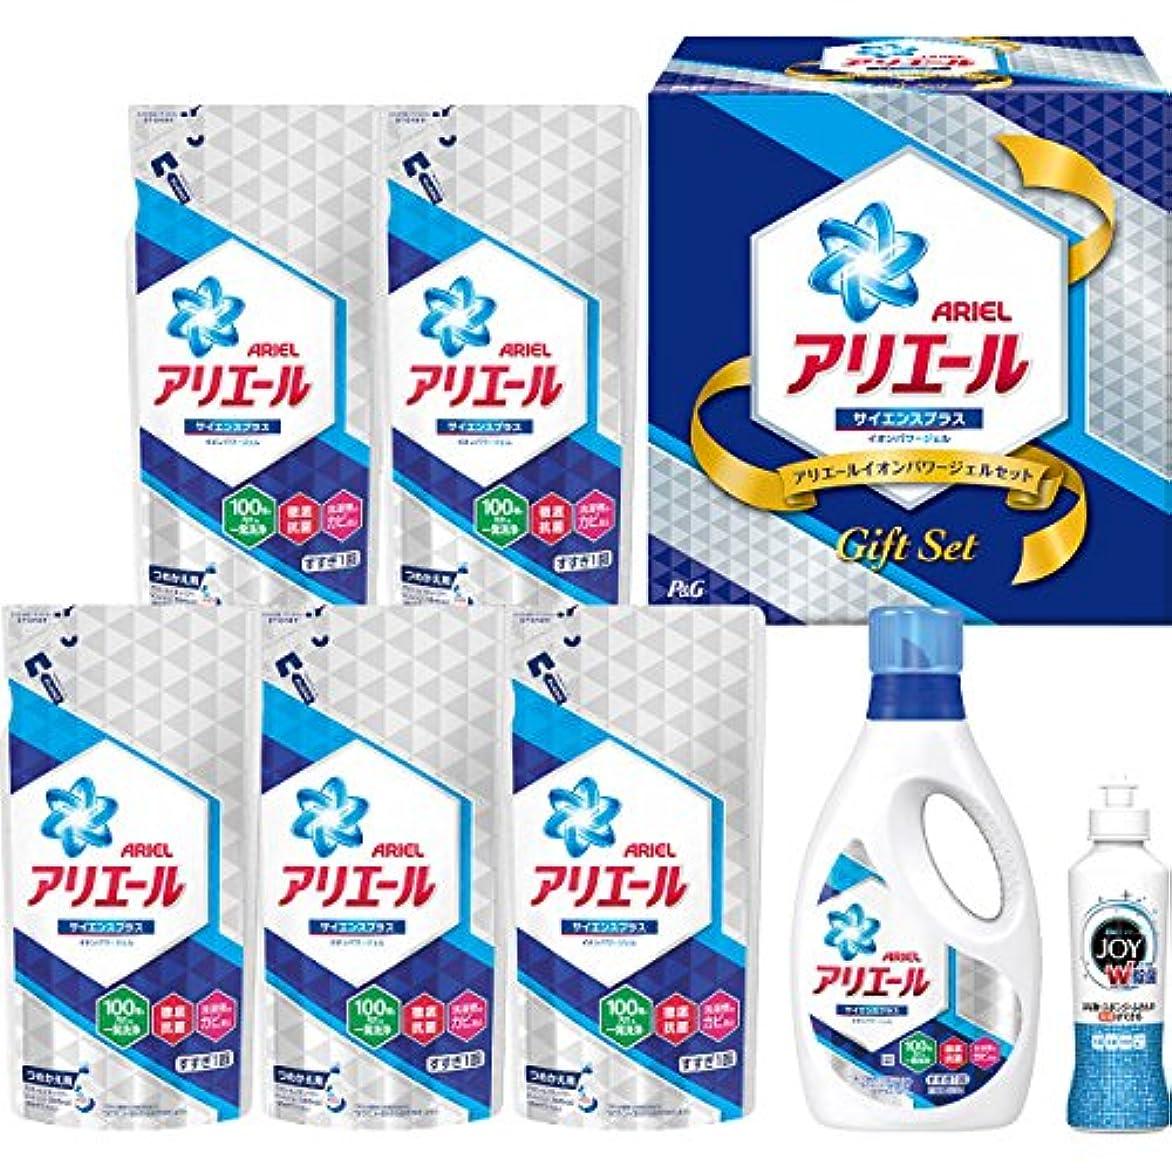 エイリアス頭ジャンルP&G(ピーアンドジー) 【お歳暮2018】P&G アリエールイオンパワージェルセット(PGIG-40XA)